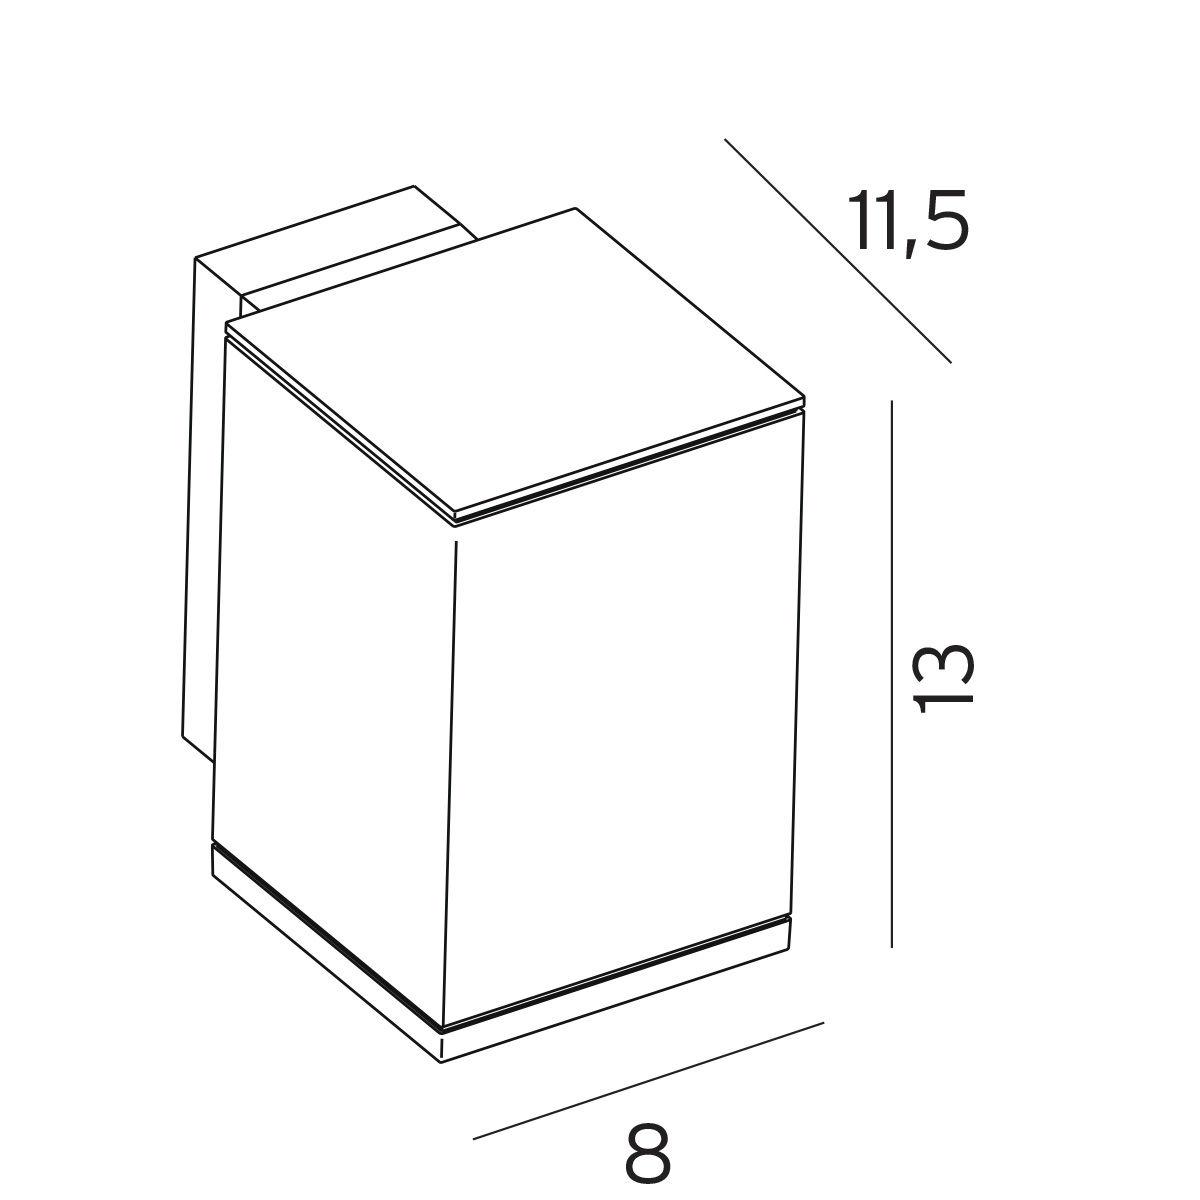 Väggbelysning | Väggbelysning Sandvik Korta